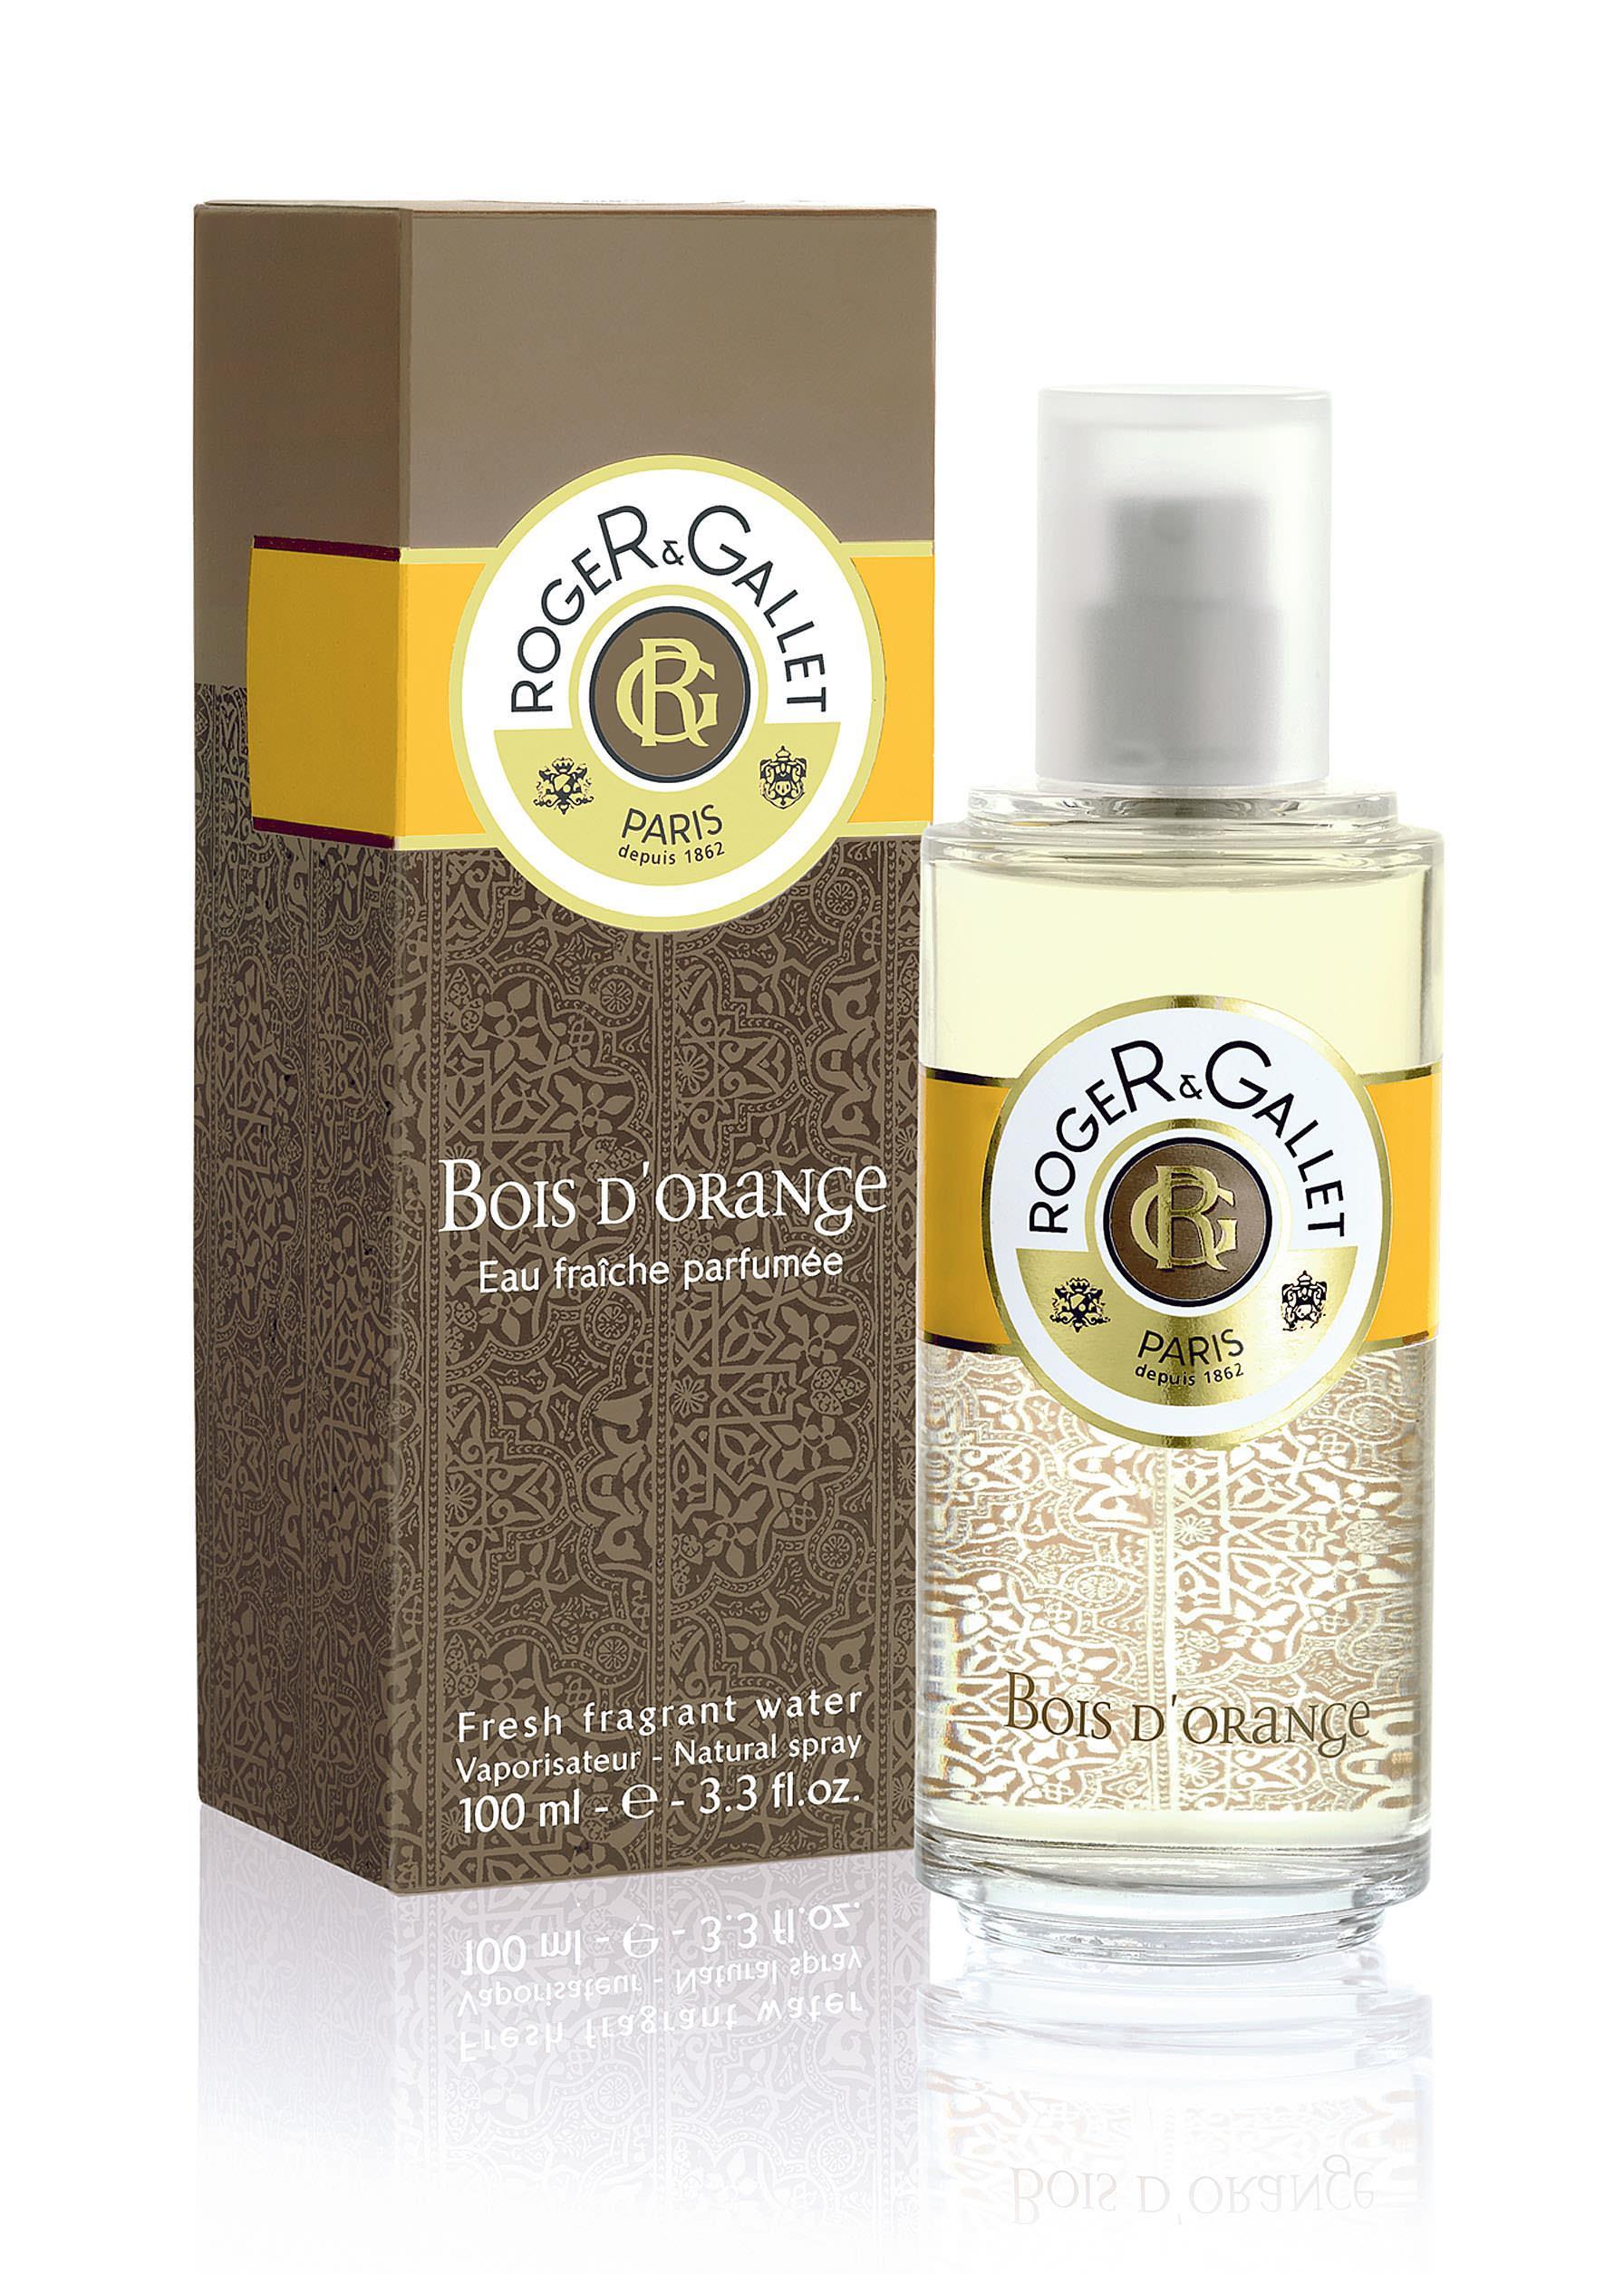 Roger & Gallet Bois d'Orange - sinnlich wohltuender  Duft